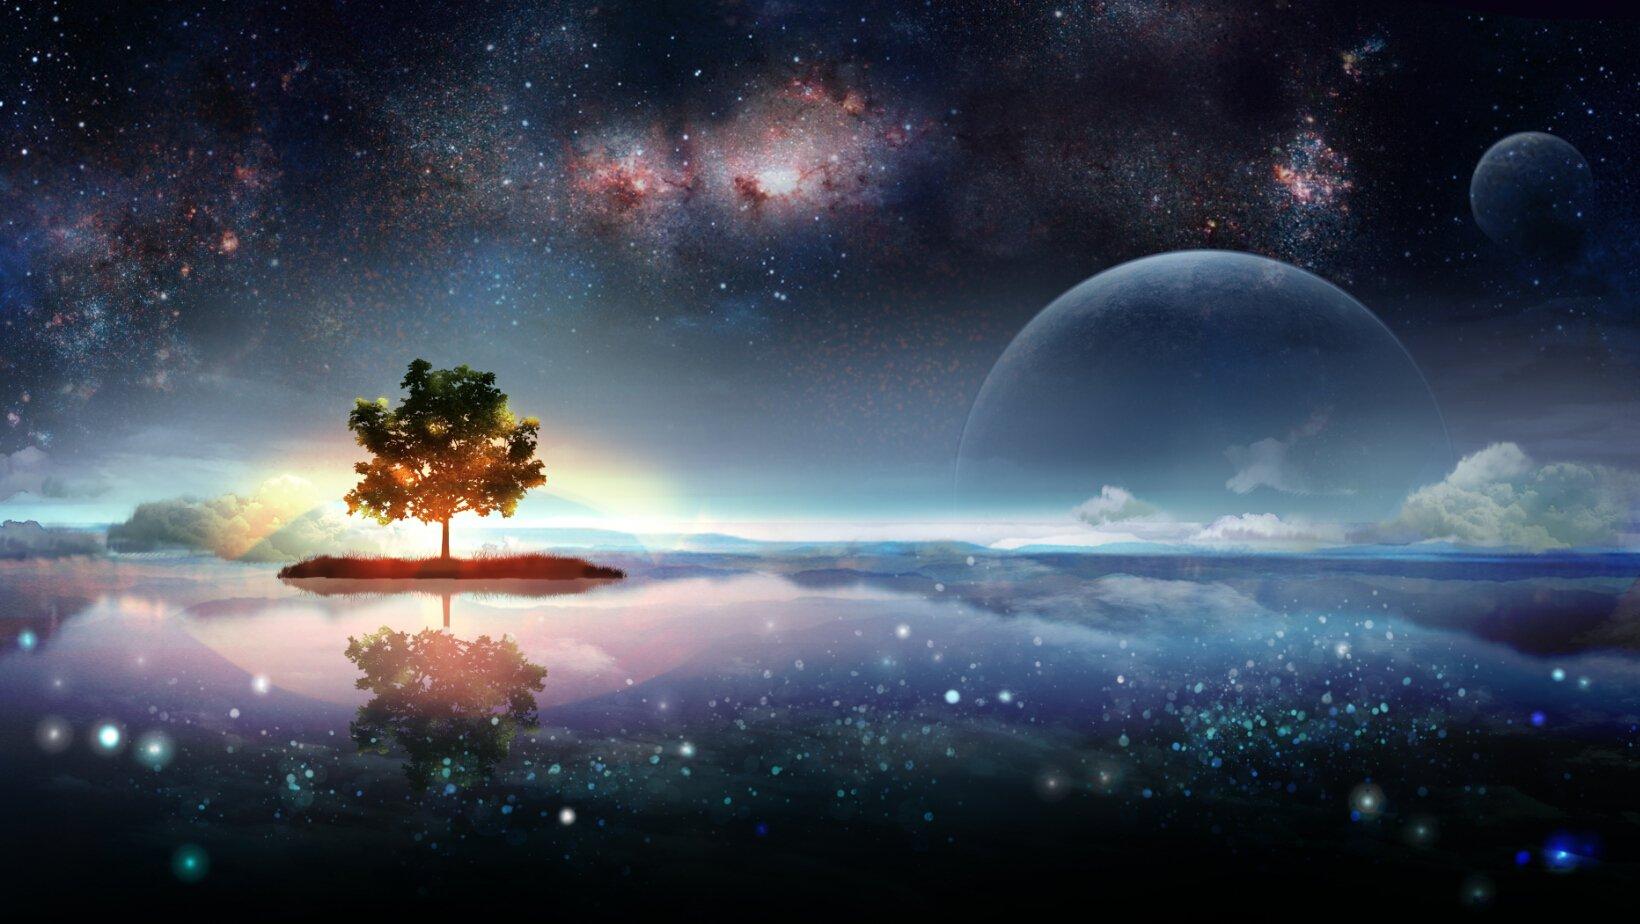 Sci Fi - Planetscape  Wallpaper